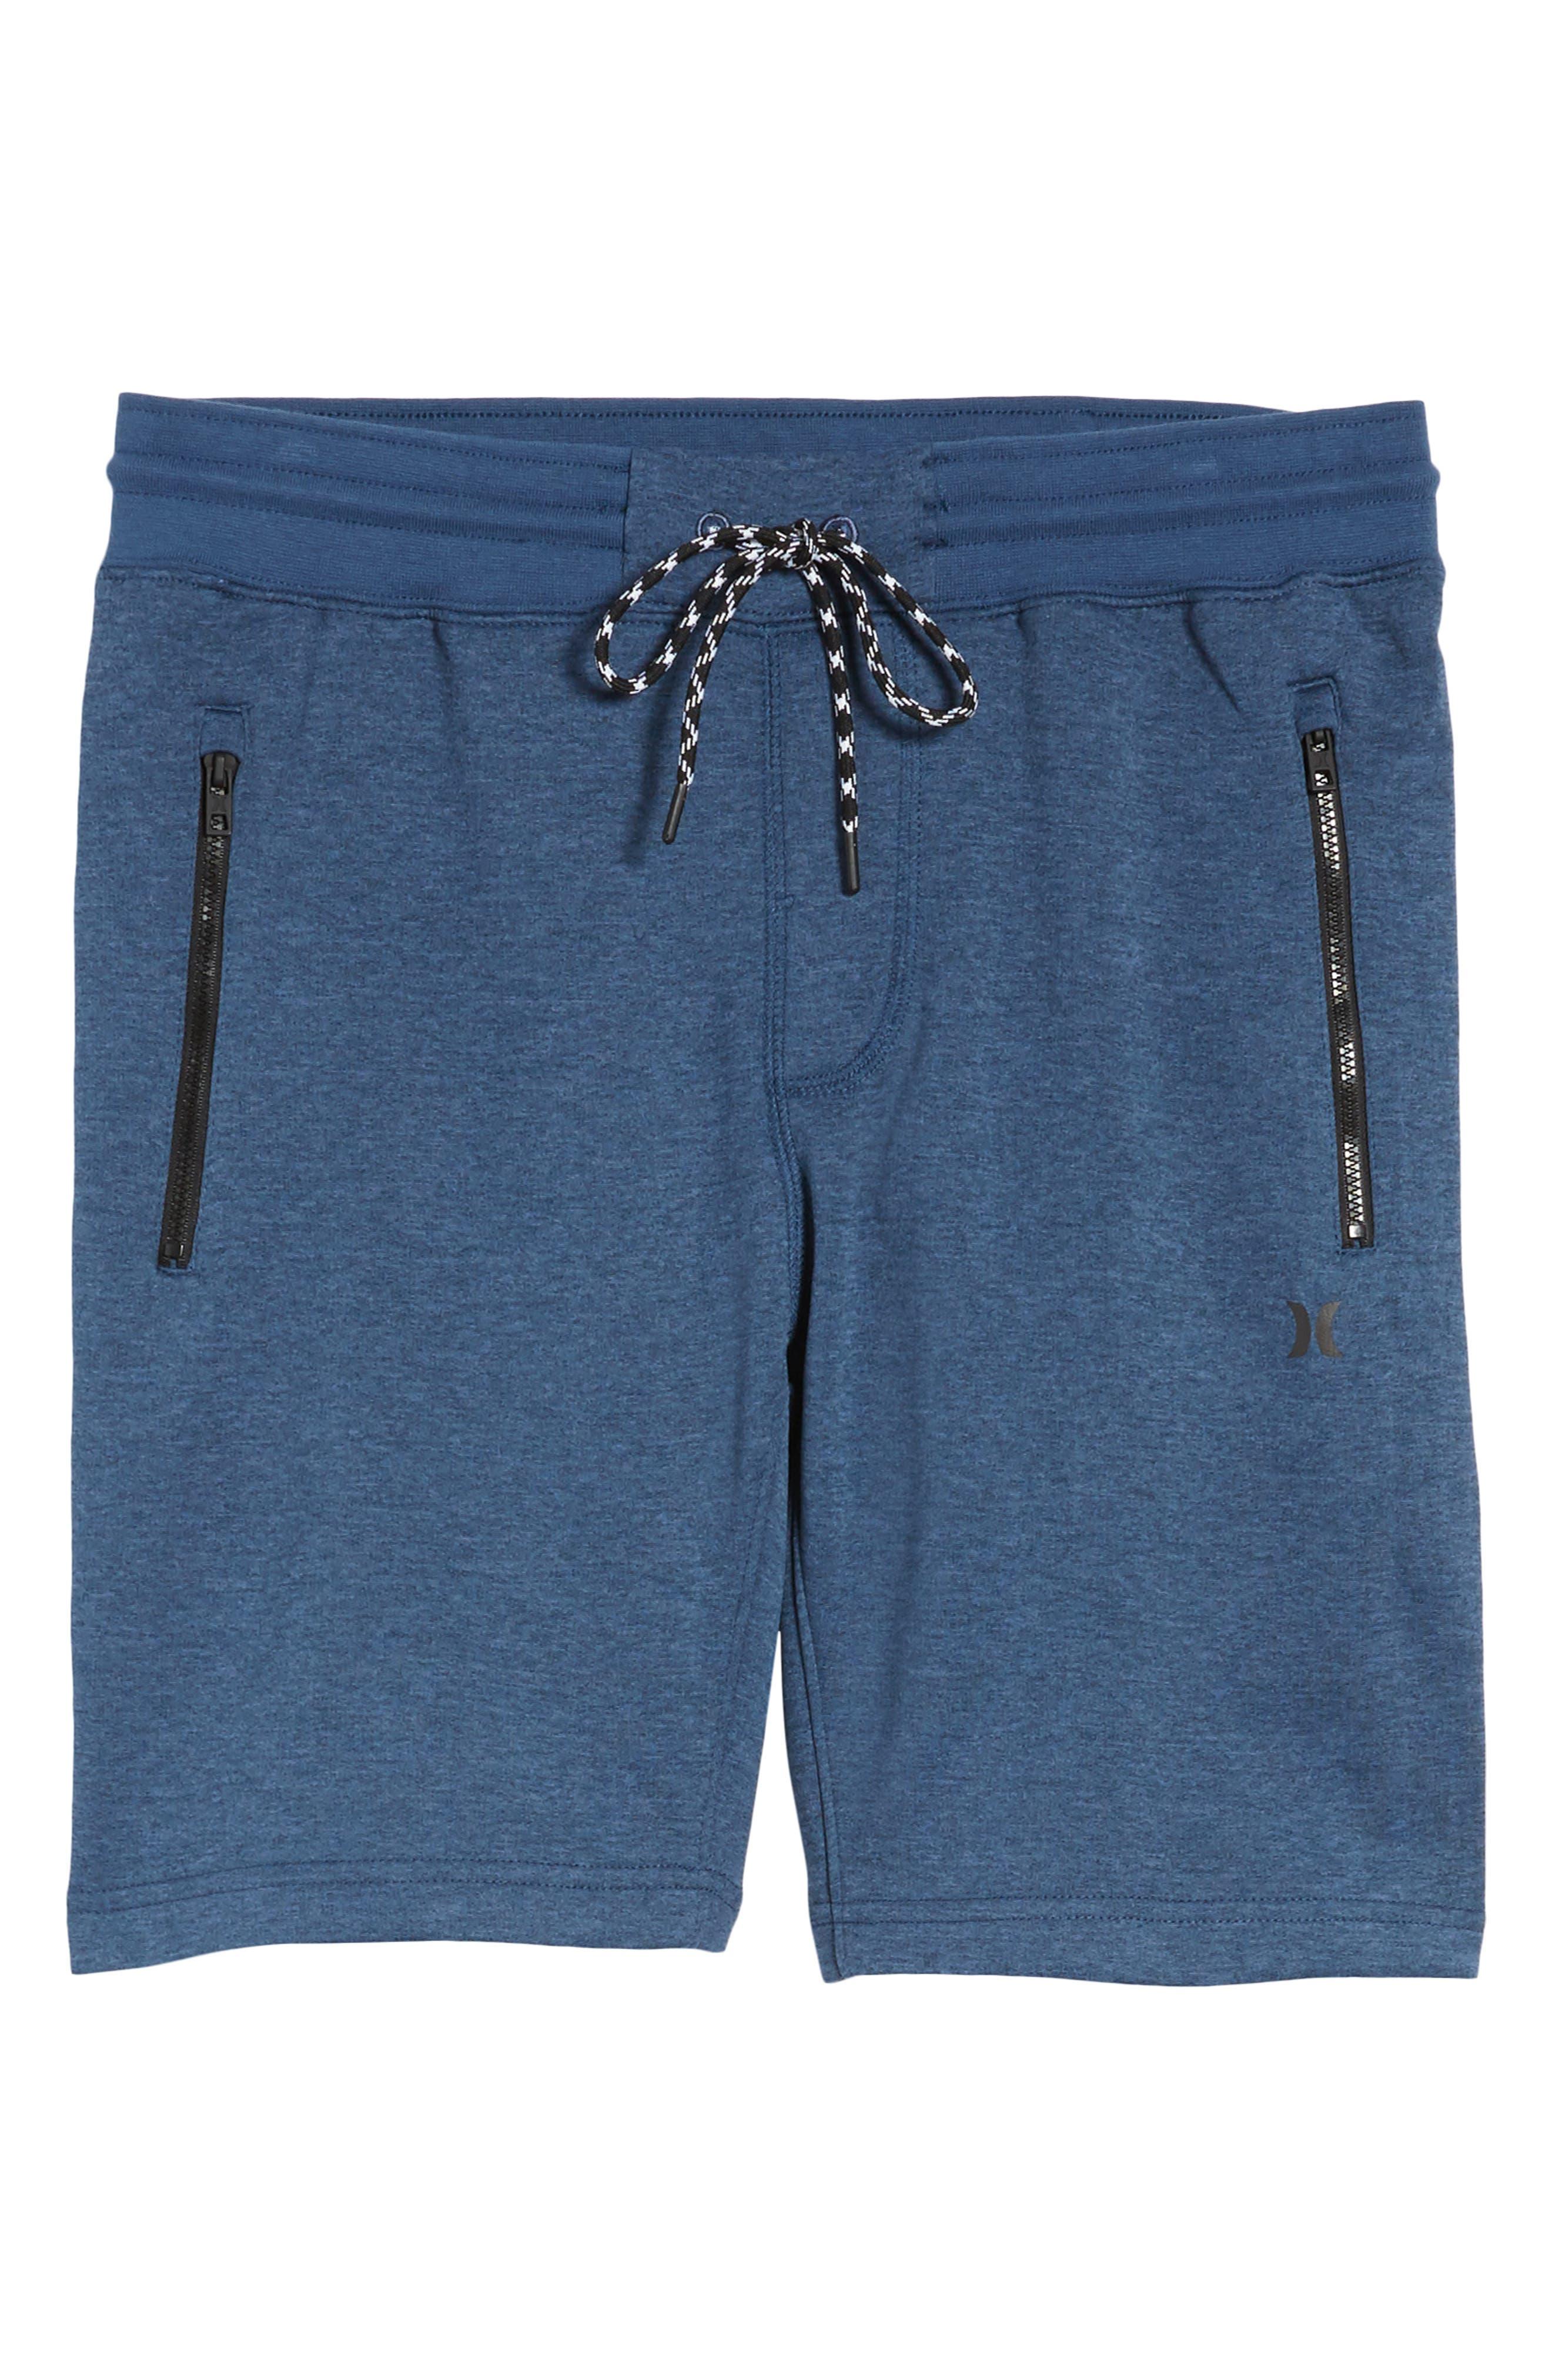 Dri-FIT Solar Shorts,                             Alternate thumbnail 6, color,                             Squadron Blue